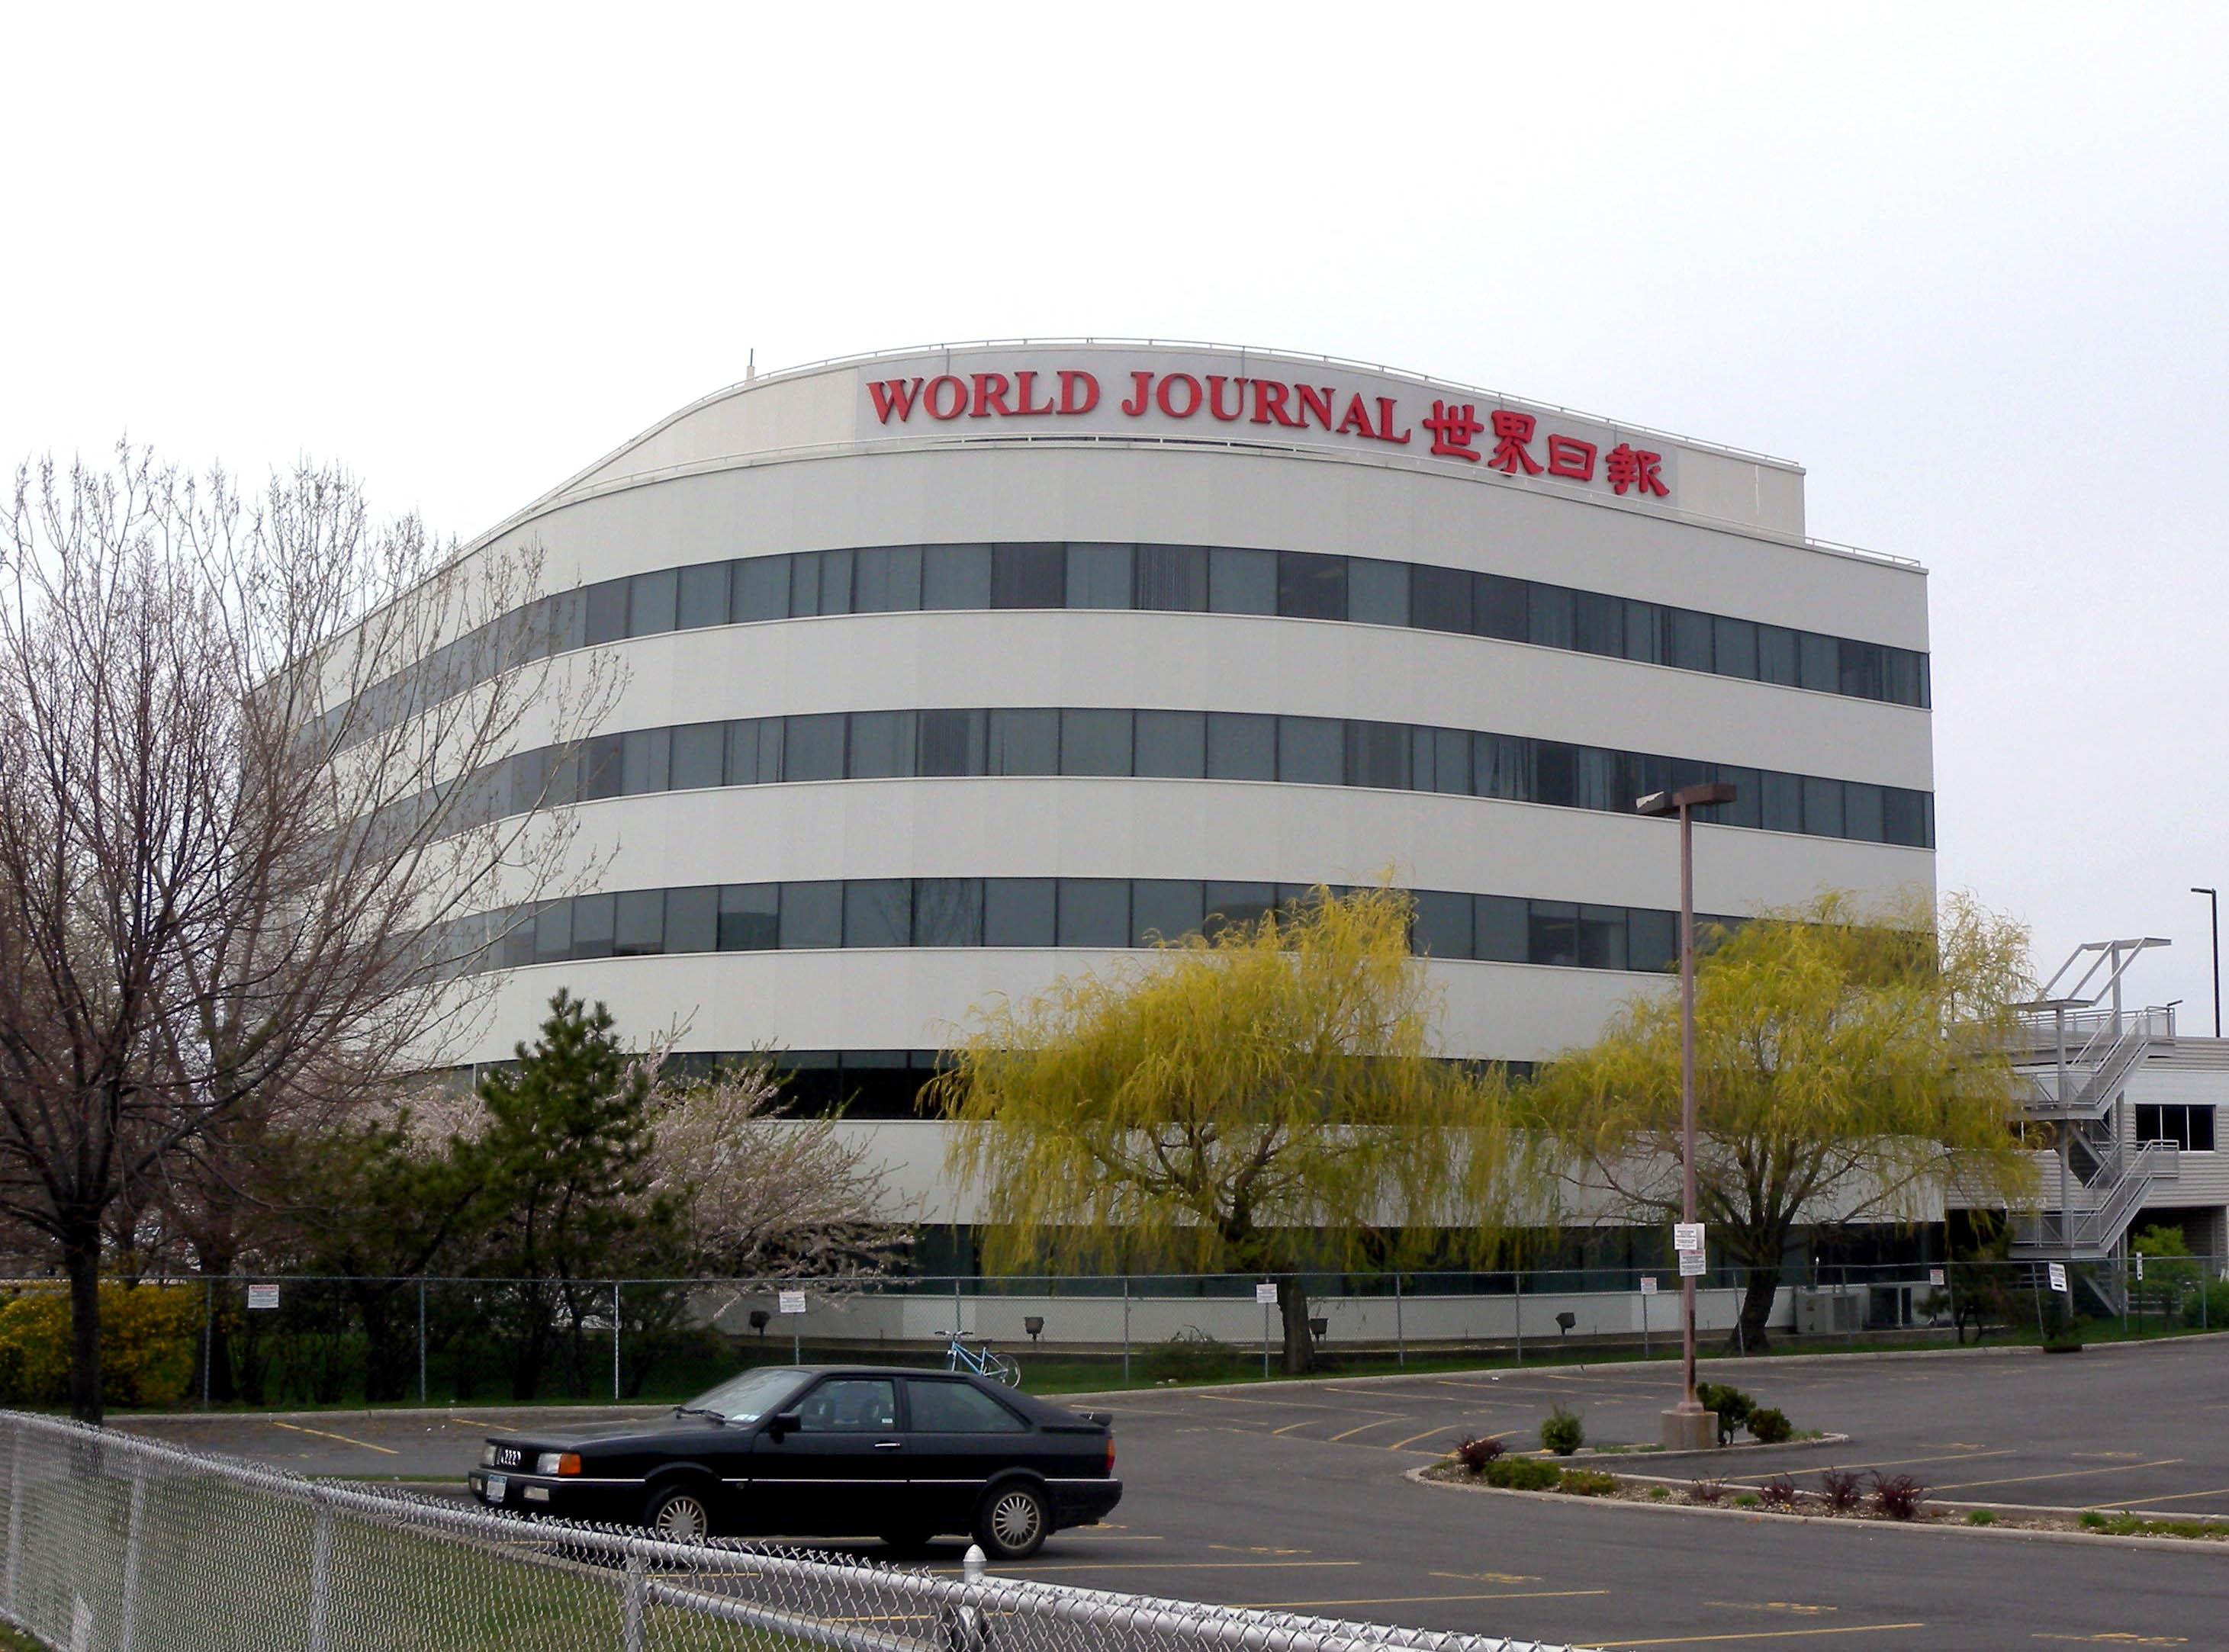 《世界日報》在紐約皇后區的大樓。(公有領域)